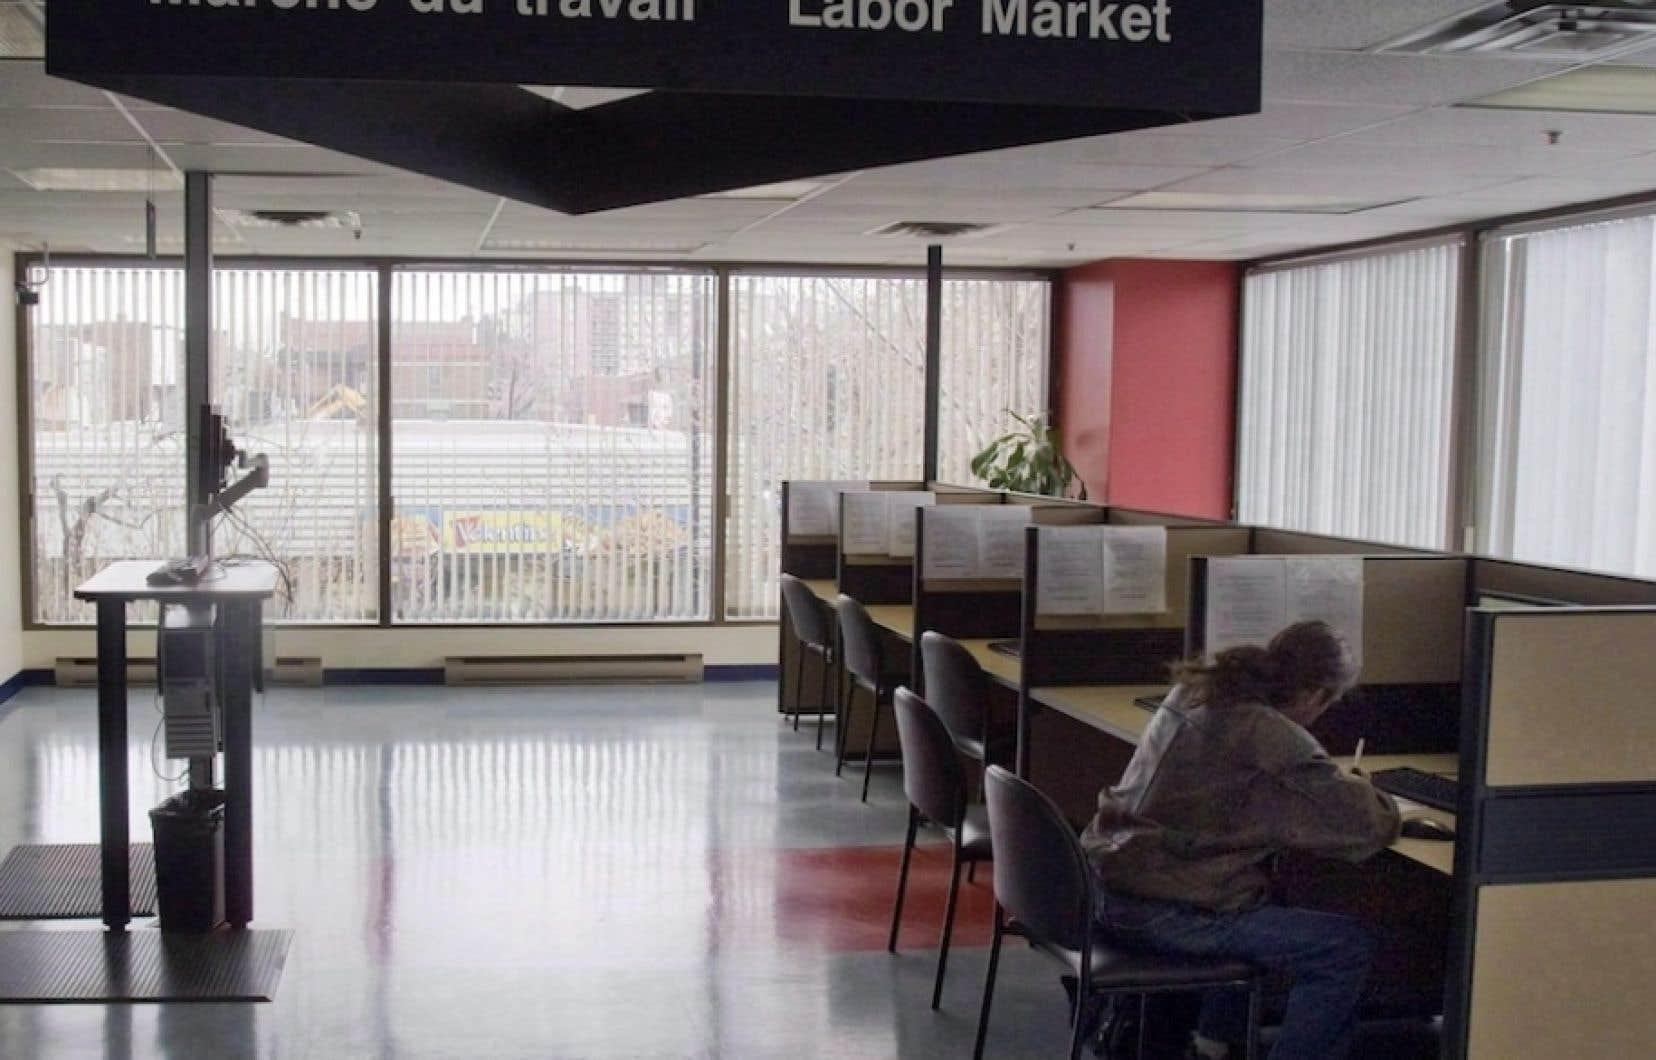 Depuis « plusieurs décennies », les organismes d'aide, les avocats et les représentants syndicaux de chômeurs pouvaient joindre un « agent de liaison » chargé des relations avec ces intervenants.